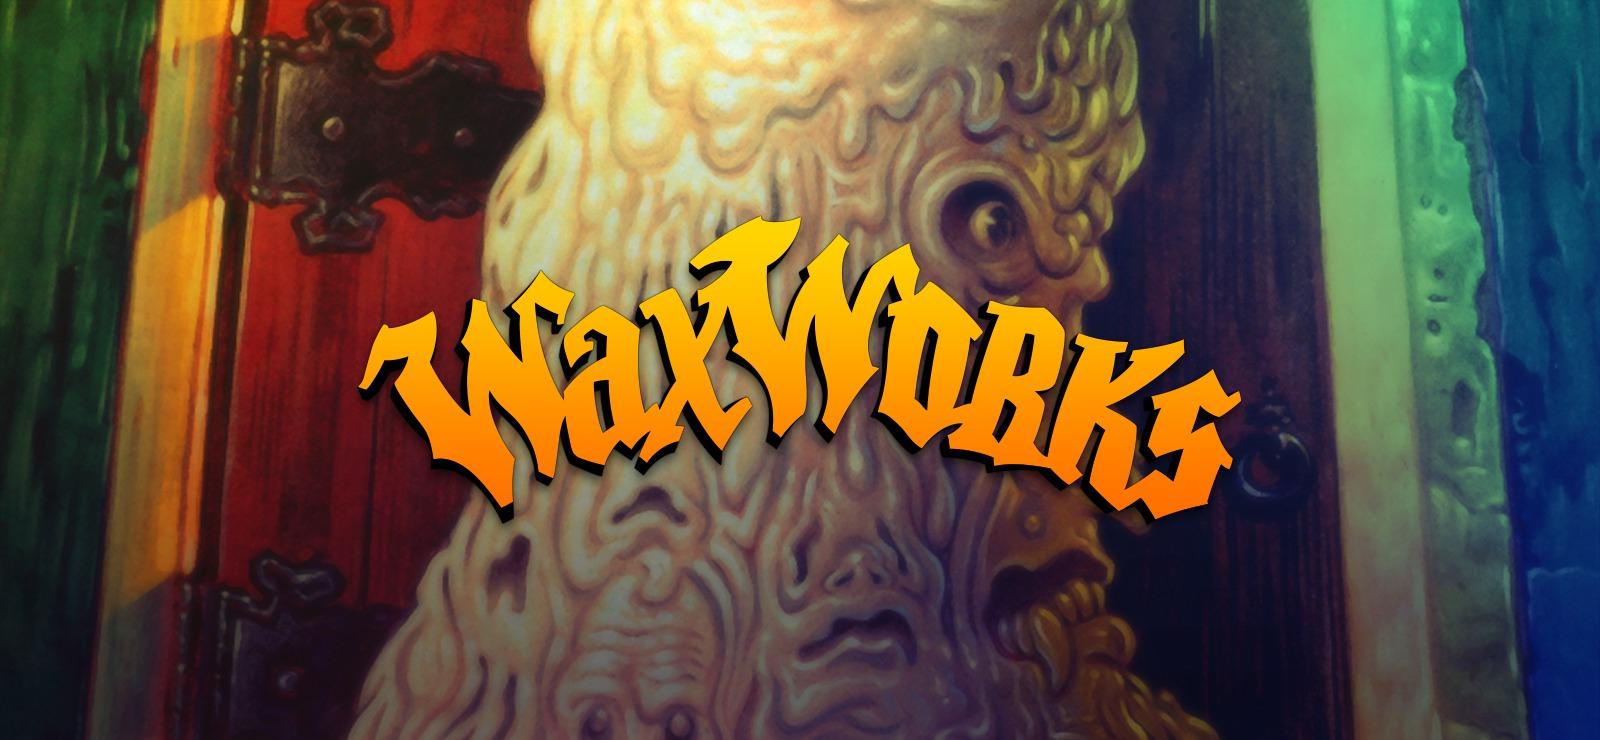 Waxworks von Horrorsoft / Adventuresoft für 1,29€ statt 4,89€ DRM-Frei auf GOG (auch in ScummVM nutzbar)